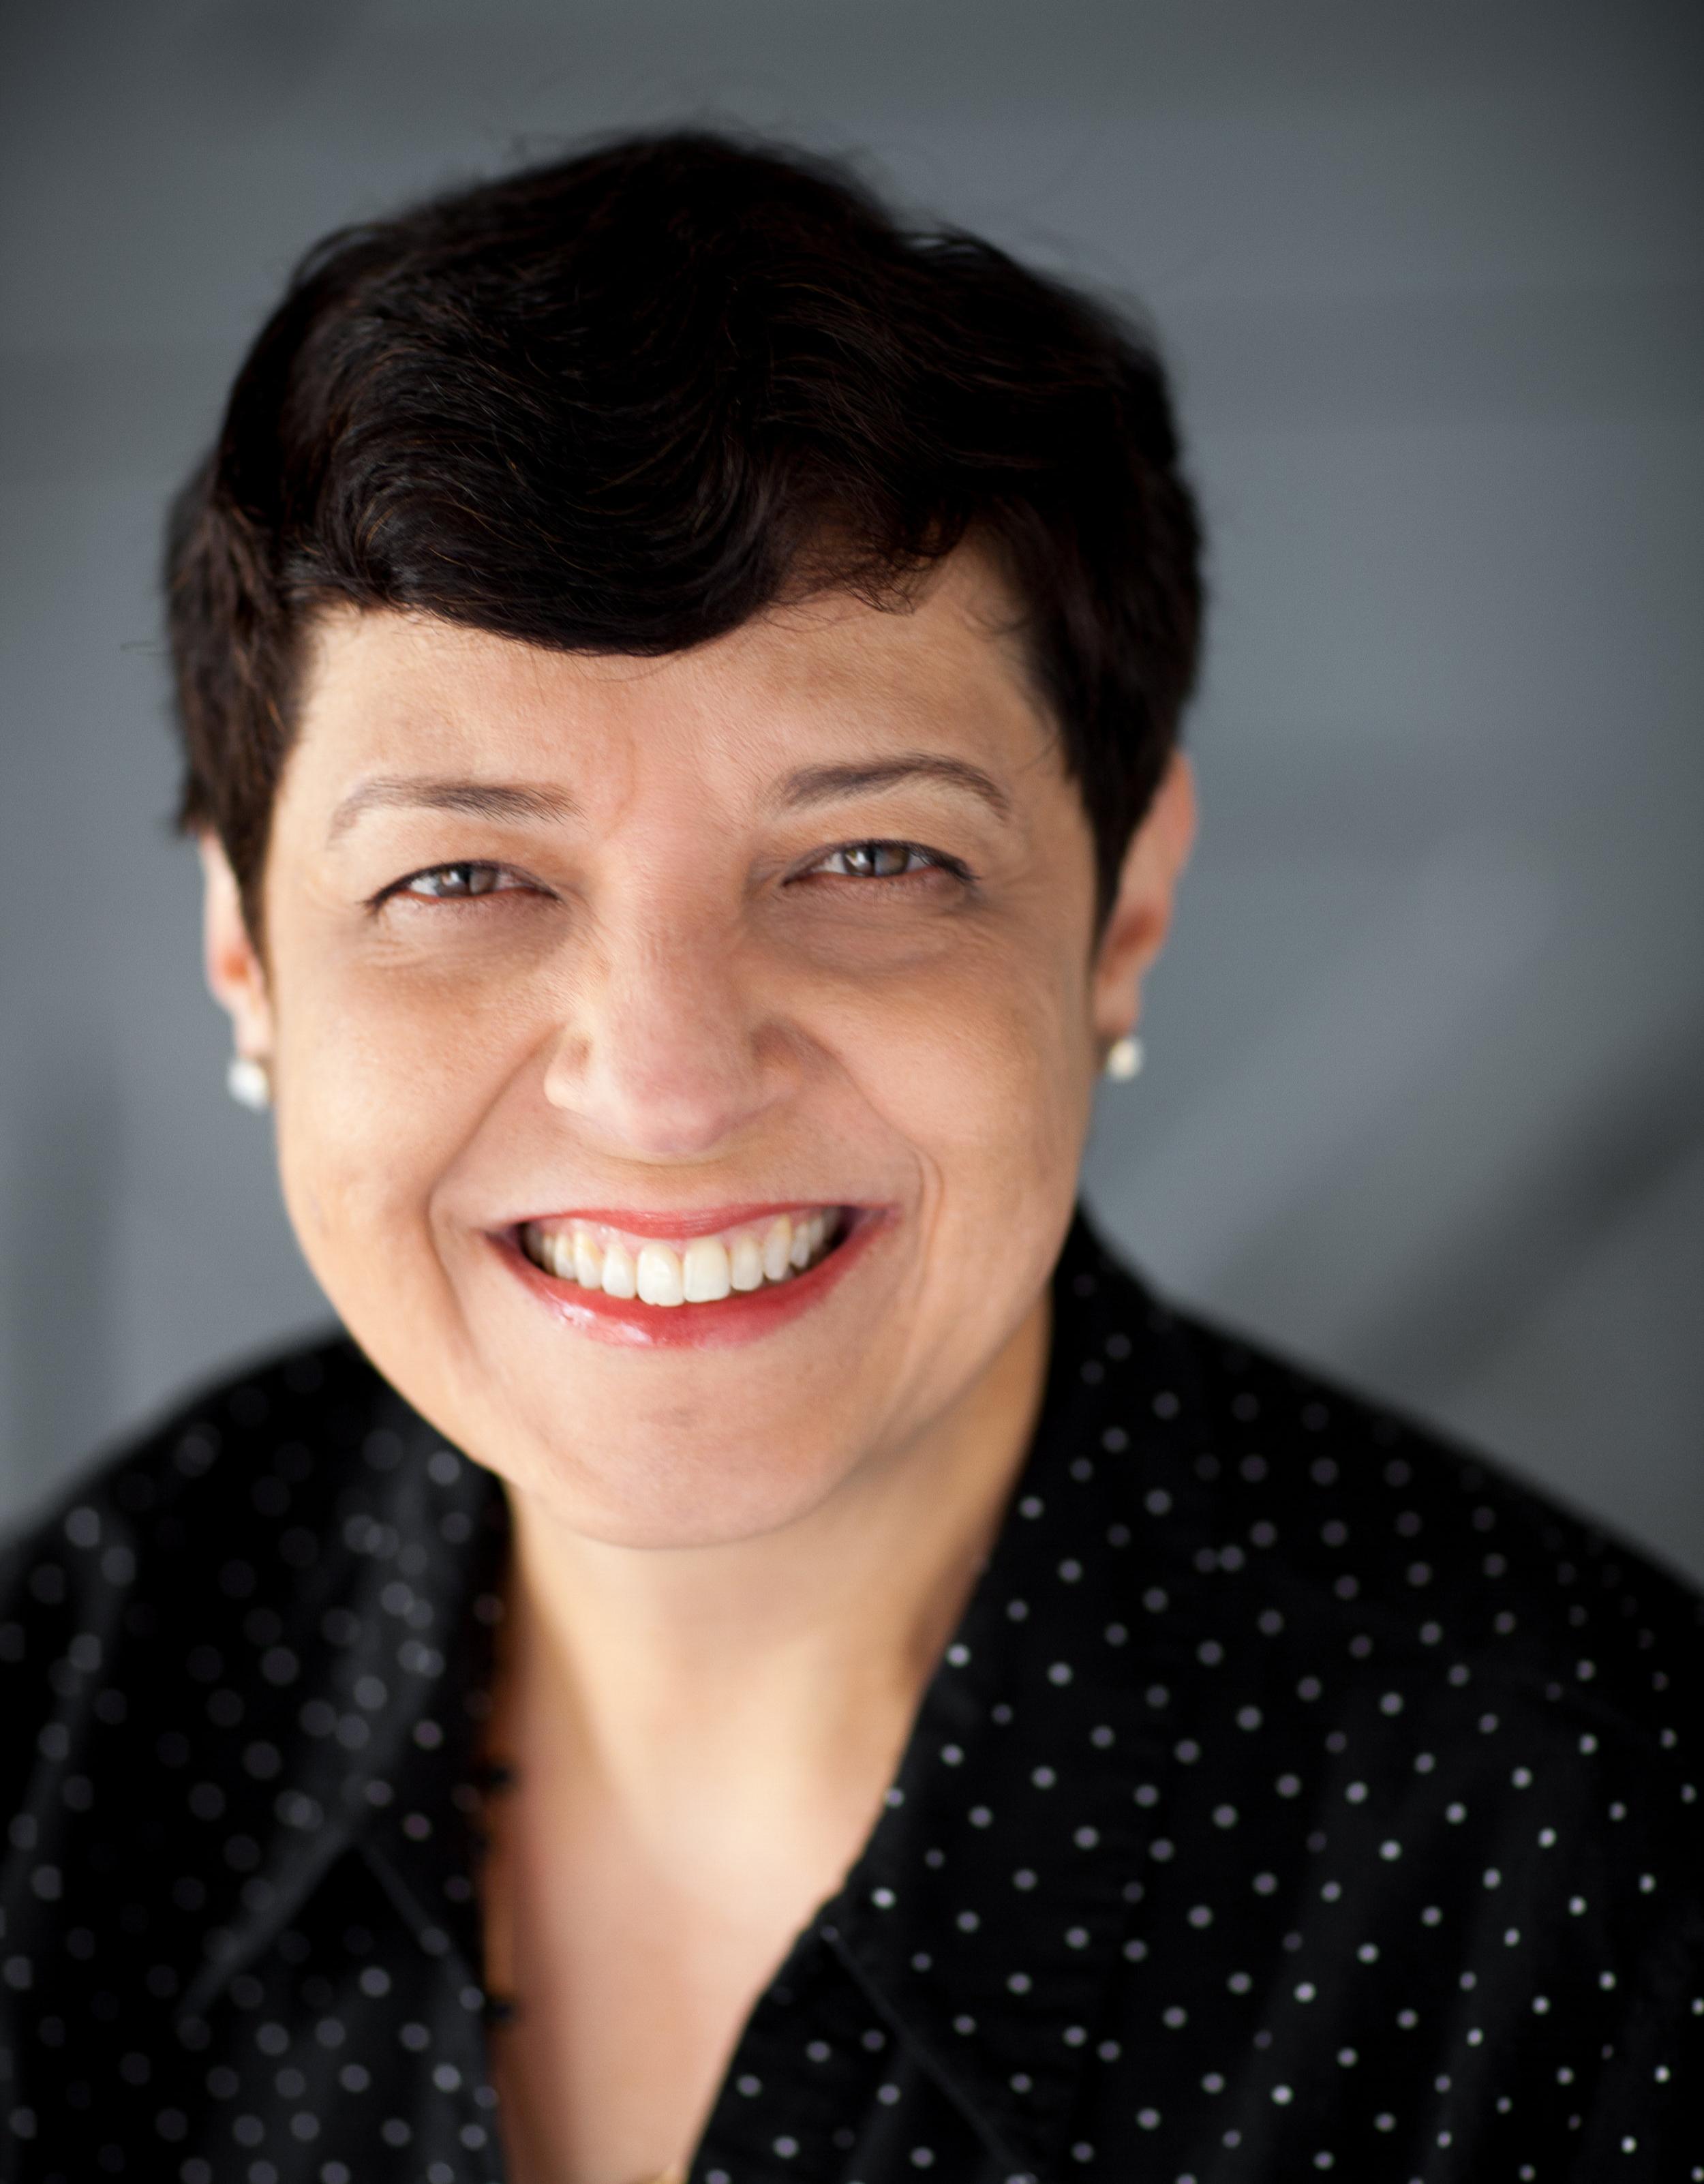 Marcia Teixeira-1027.jpg.jpeg